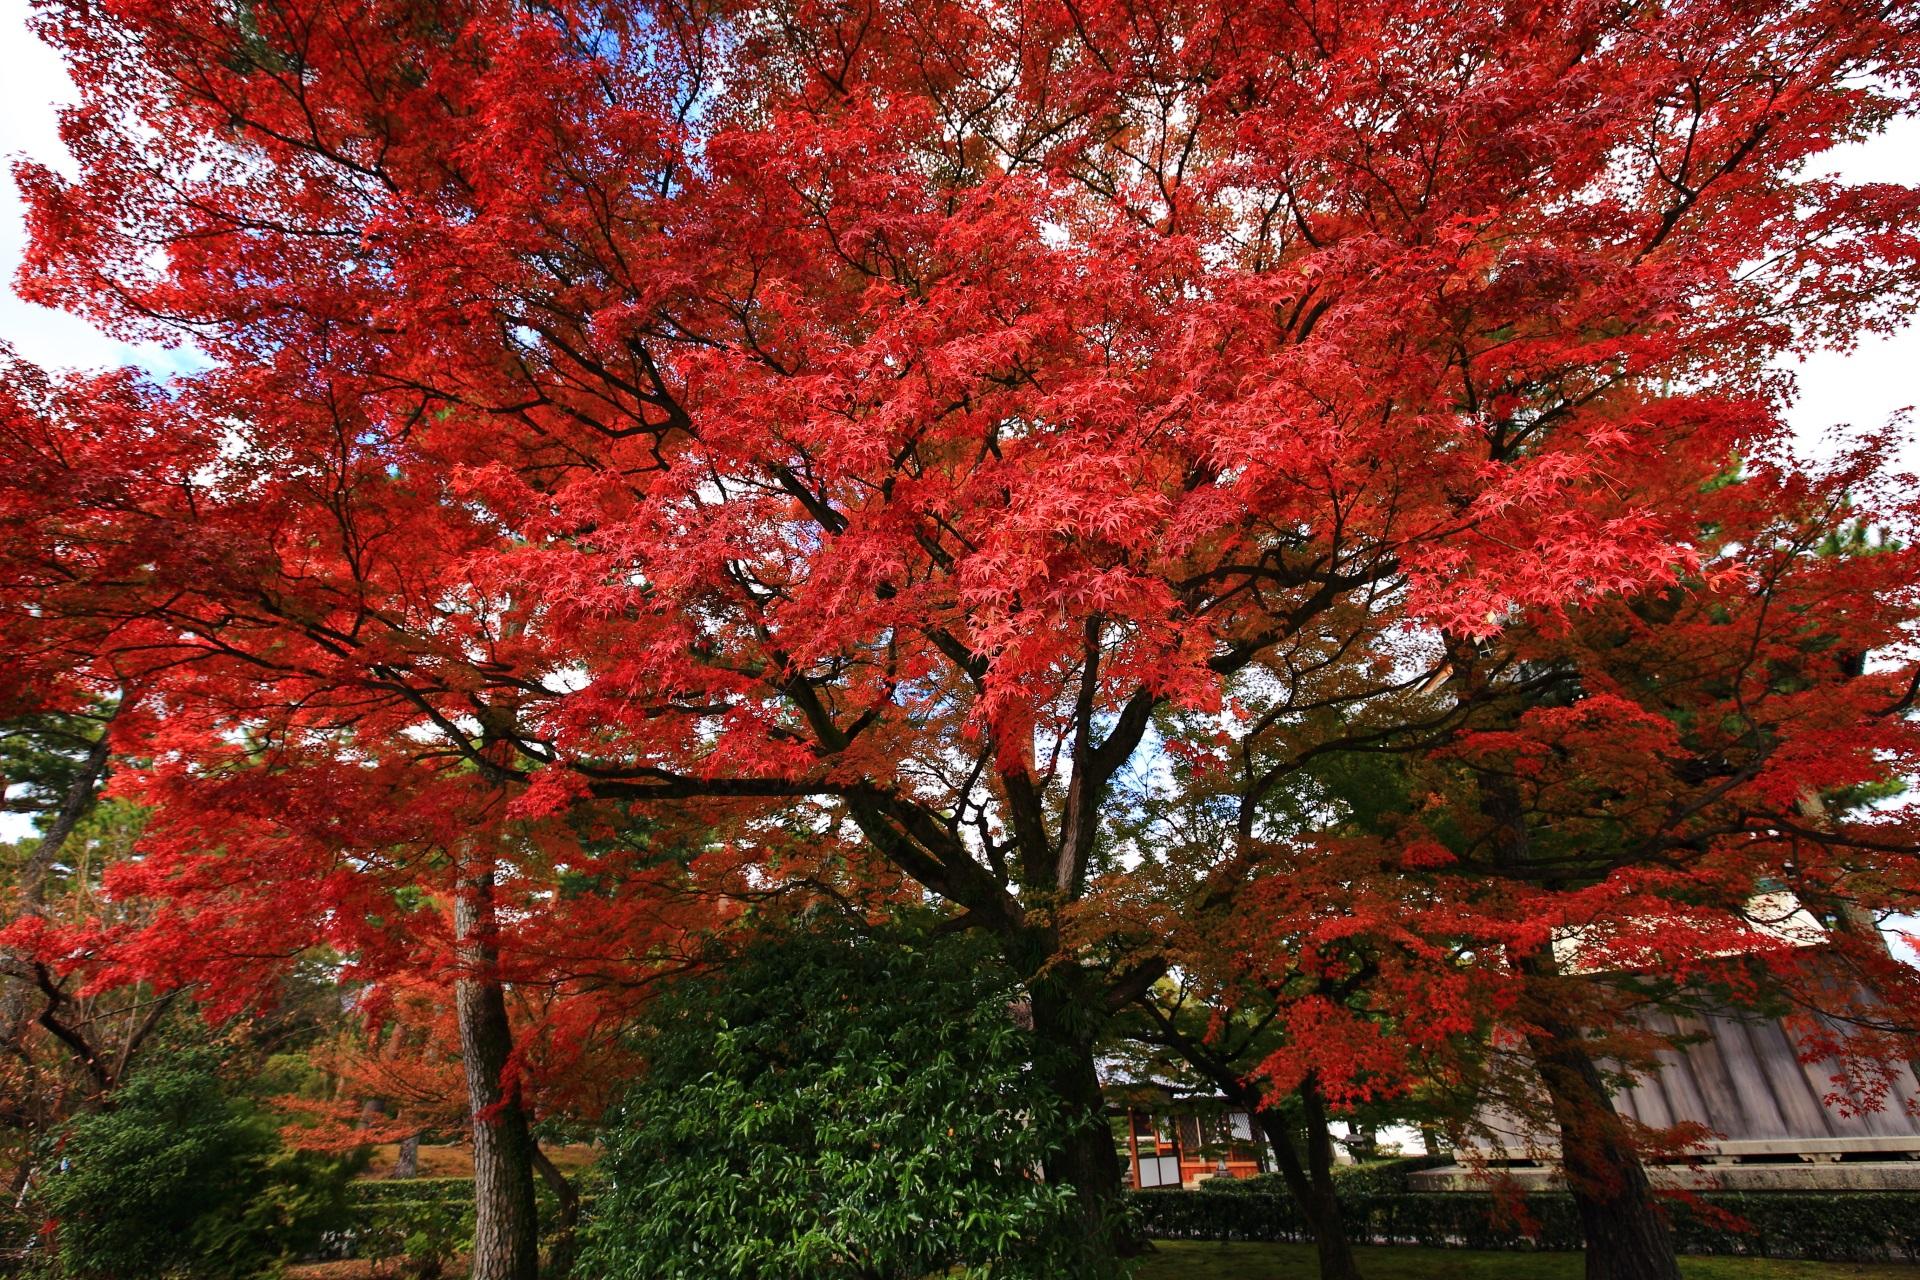 見事な色づきの雄大な紅葉